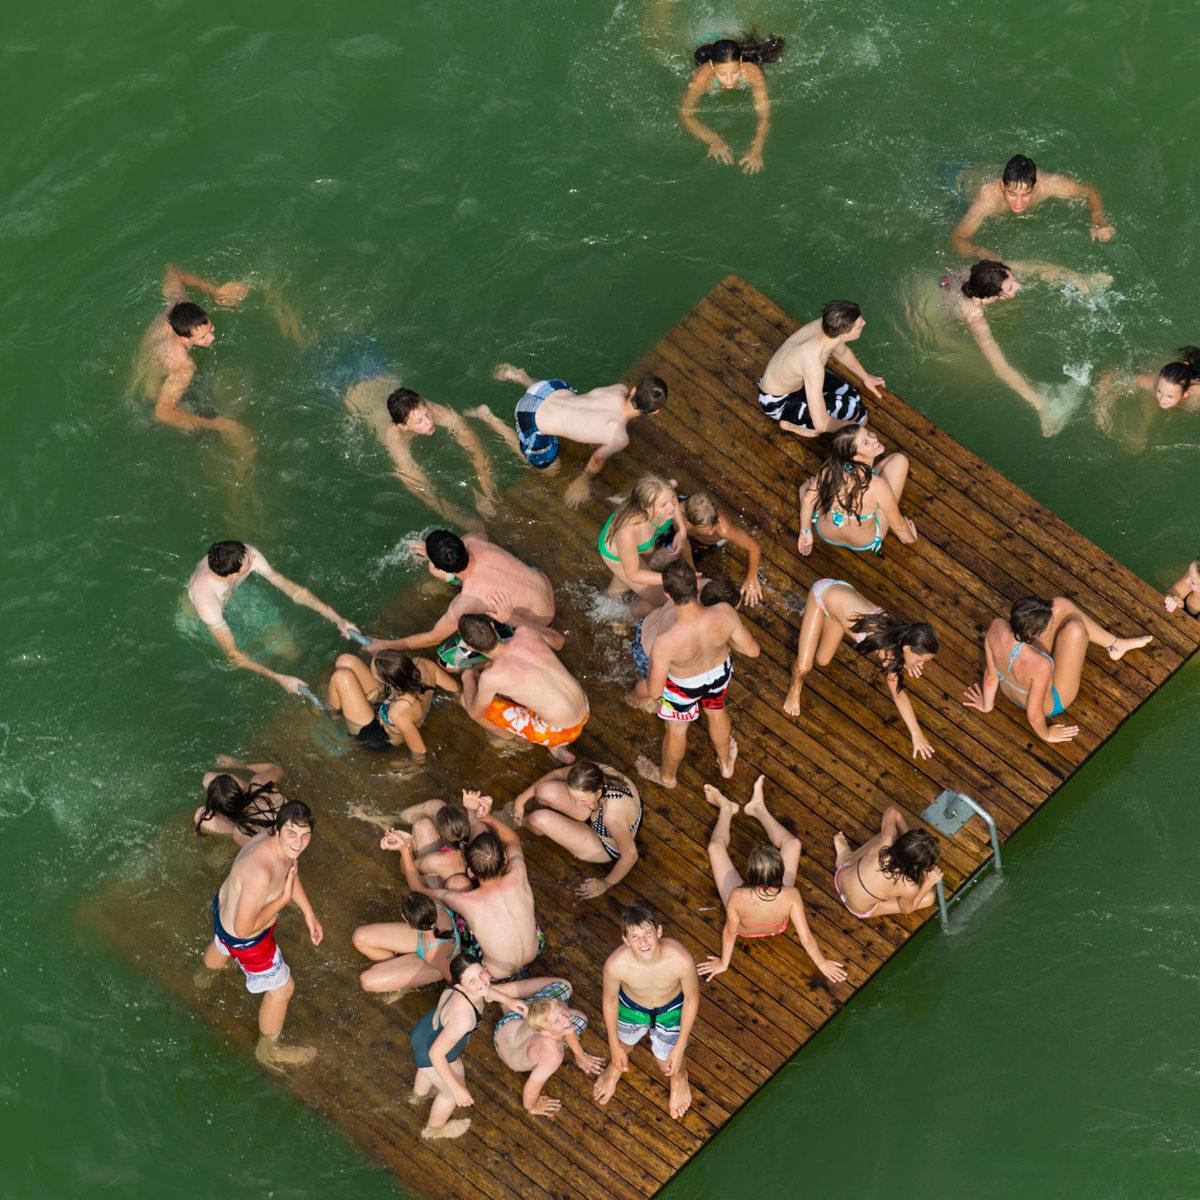 Arth : baigneurs dans Le lac de Zoug (Zugersee), Canton de Schwytz, Suisse (47°4' n - 8°31' E) © Yann Arthus Bertrand